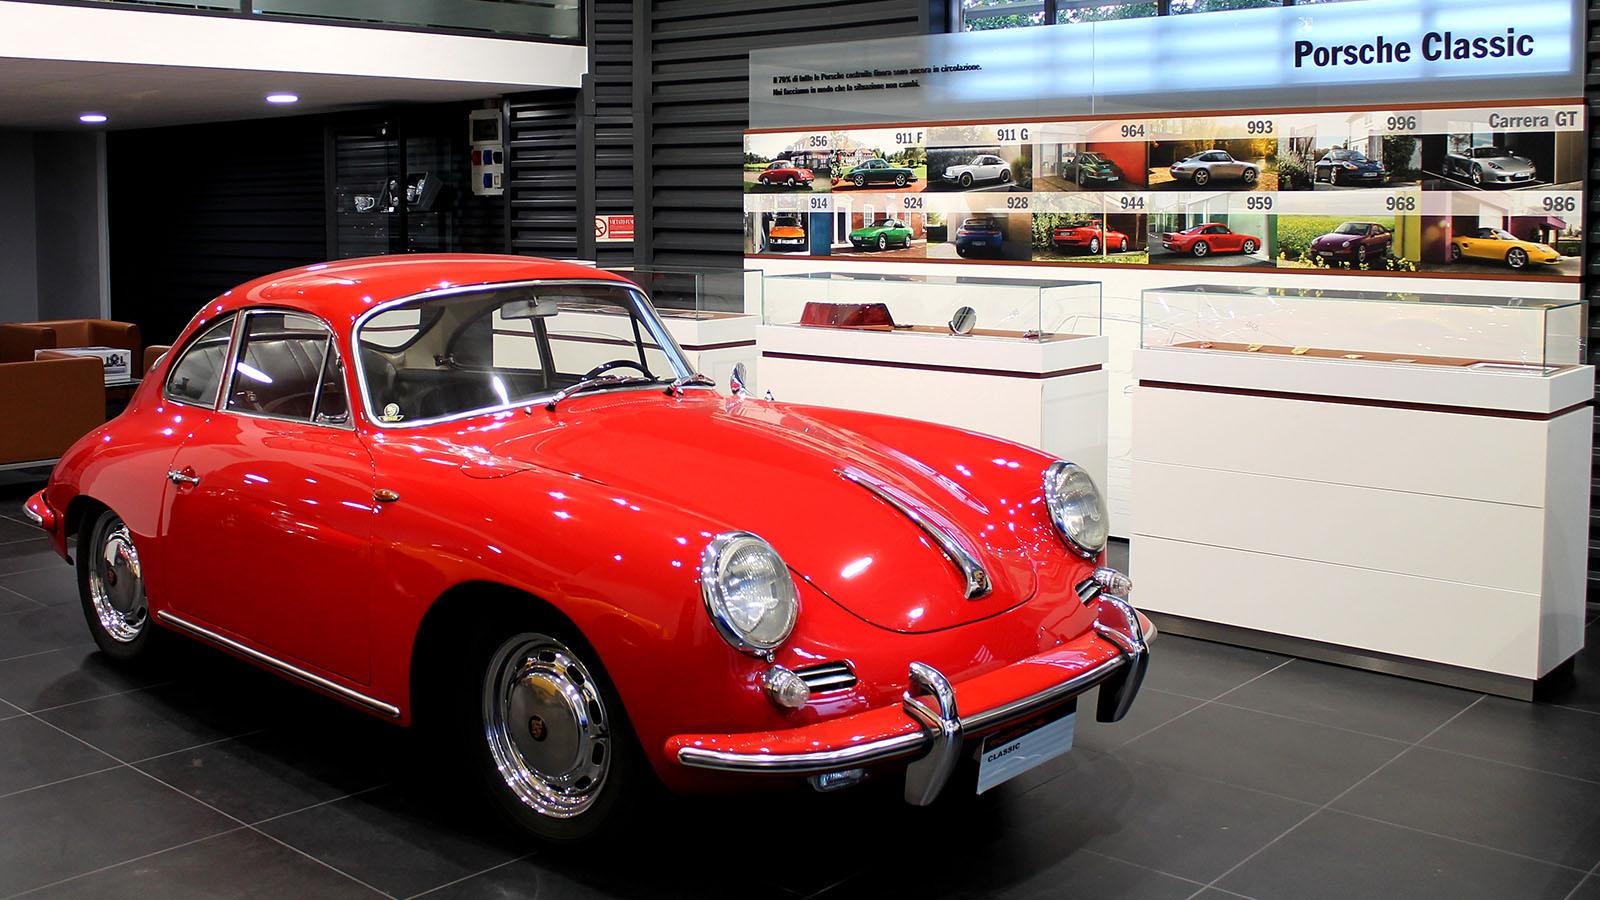 Porsche Service Centre Catania